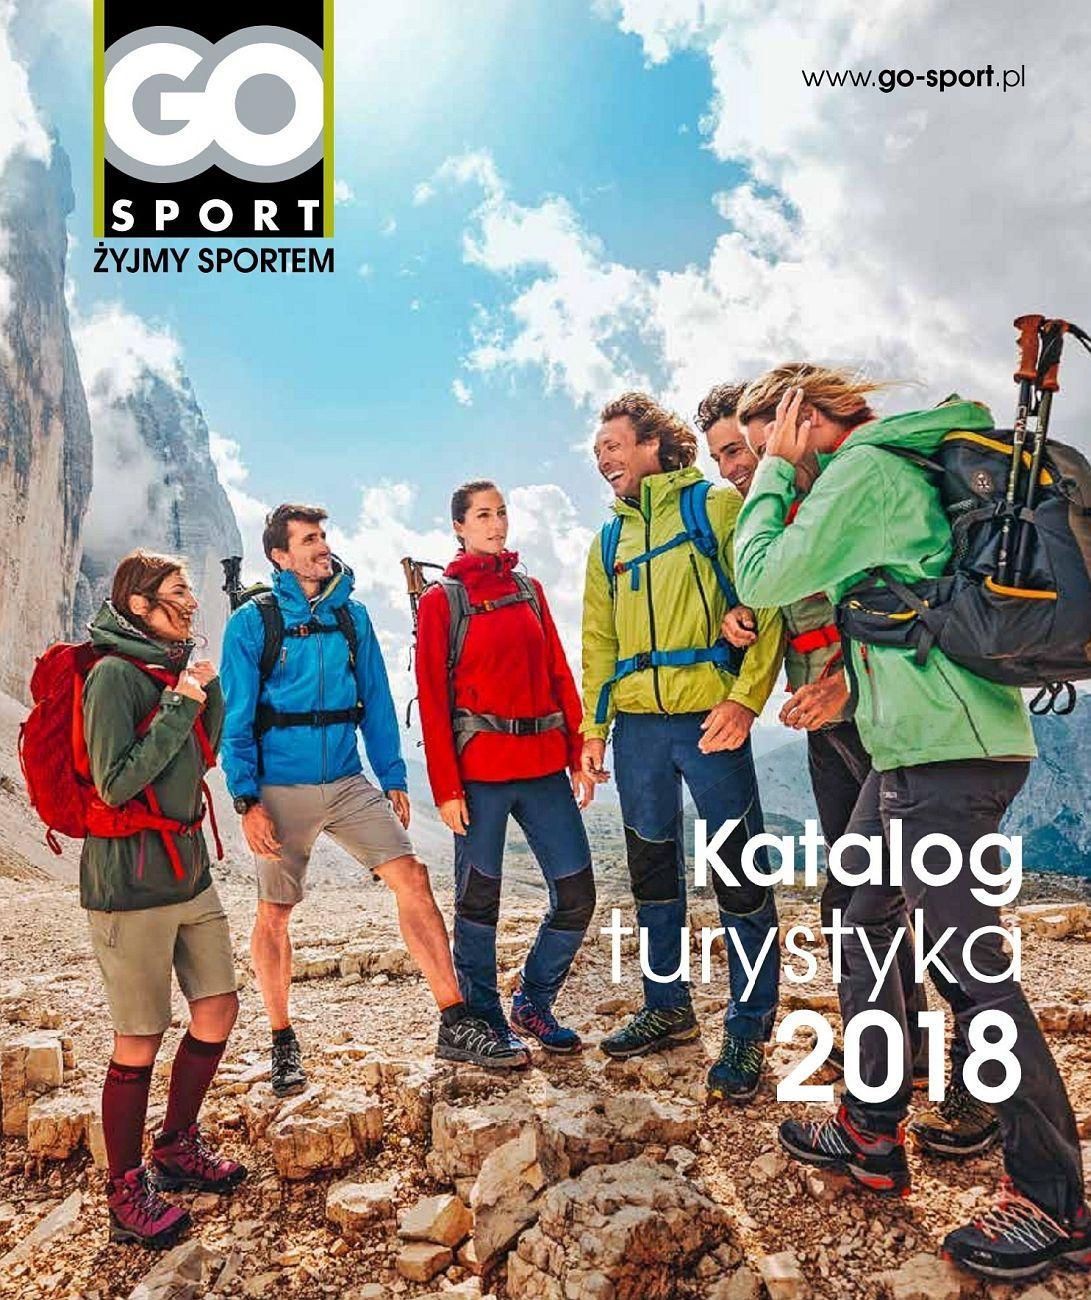 Gazetka promocyjna Go Sport do 31/12/2018 str.1